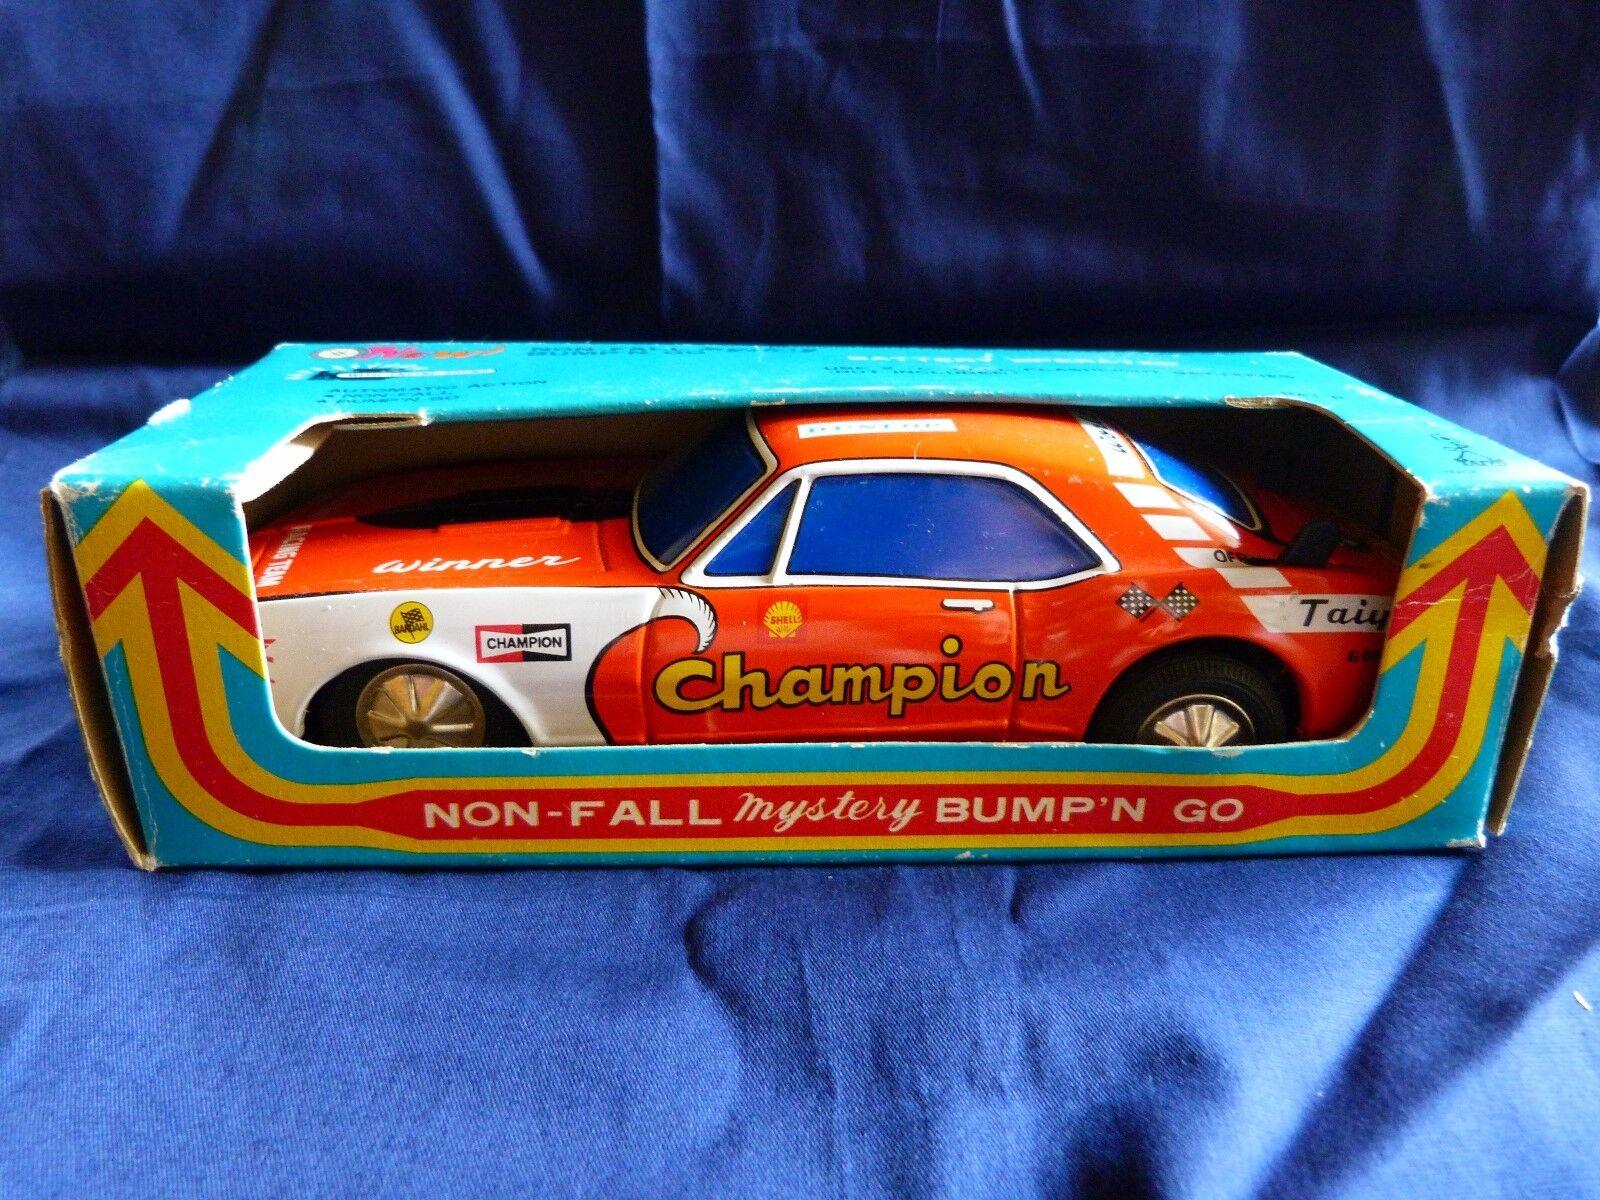 perfecto Taiyo Japon 1970 - The racer Chevrolet Camaro Camaro Camaro  Champion  en tôle lithographiée  la red entera más baja